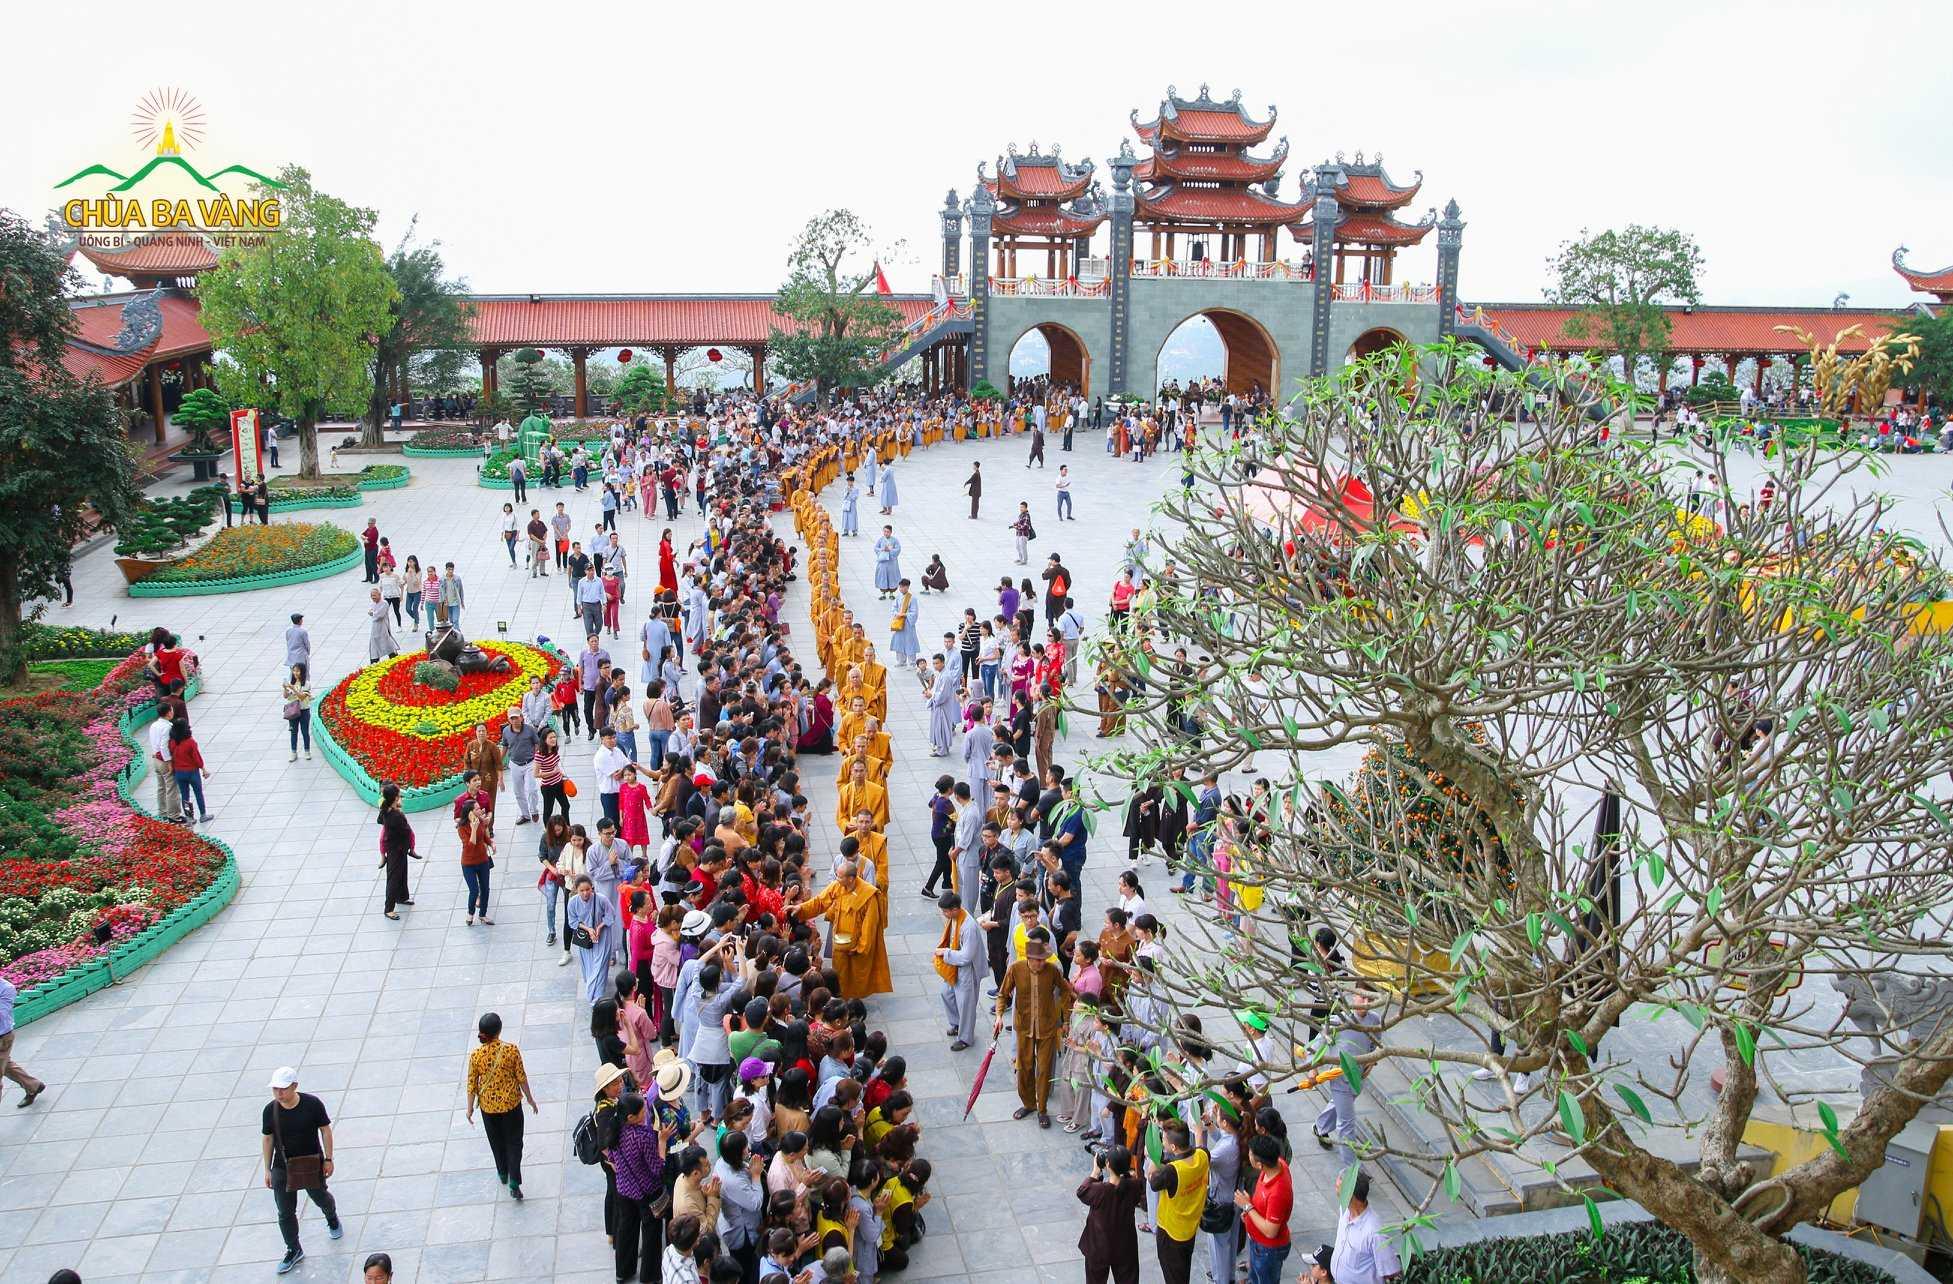 Truyền thống trì bình khất thực của Phật giáo thể hiện nét đẹp văn hóa tôn giáo và mang những ý nghĩa tốt đẹp của Sa Môn hạnh